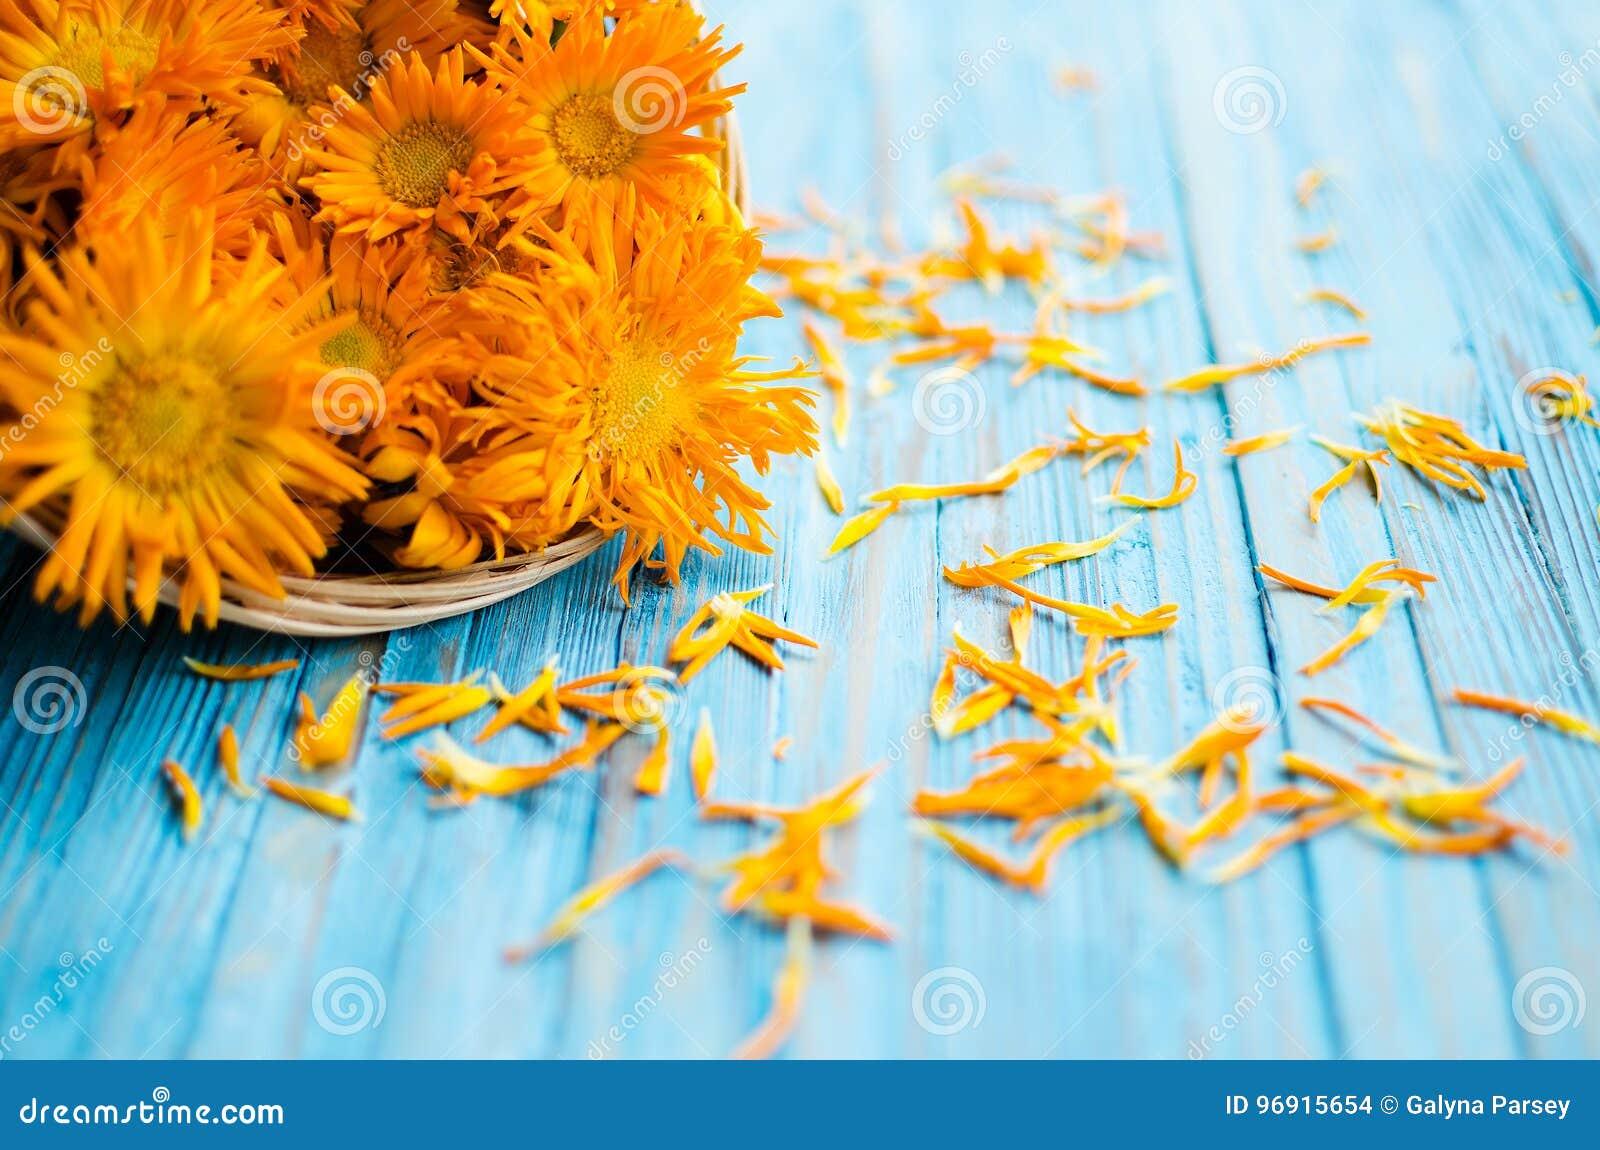 Orange juice flowers grow in the fresh air